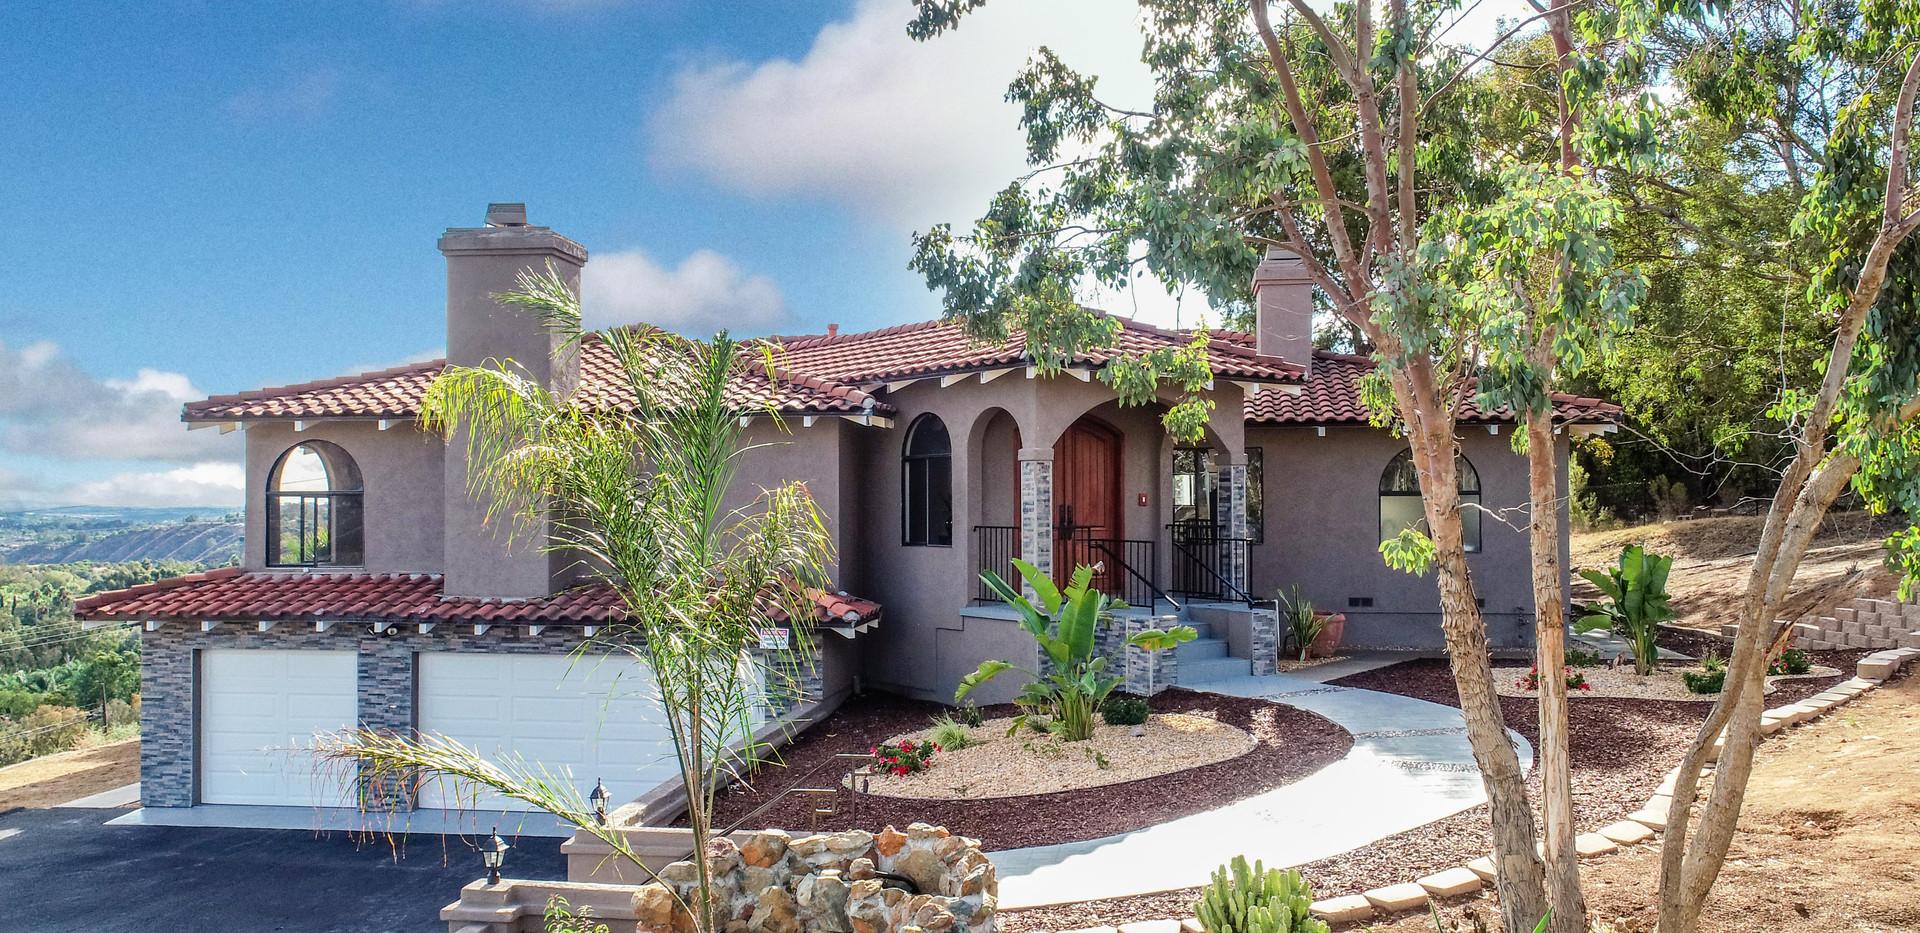 7087 Rancho Santa Fe View Ct-ext-2.jpg